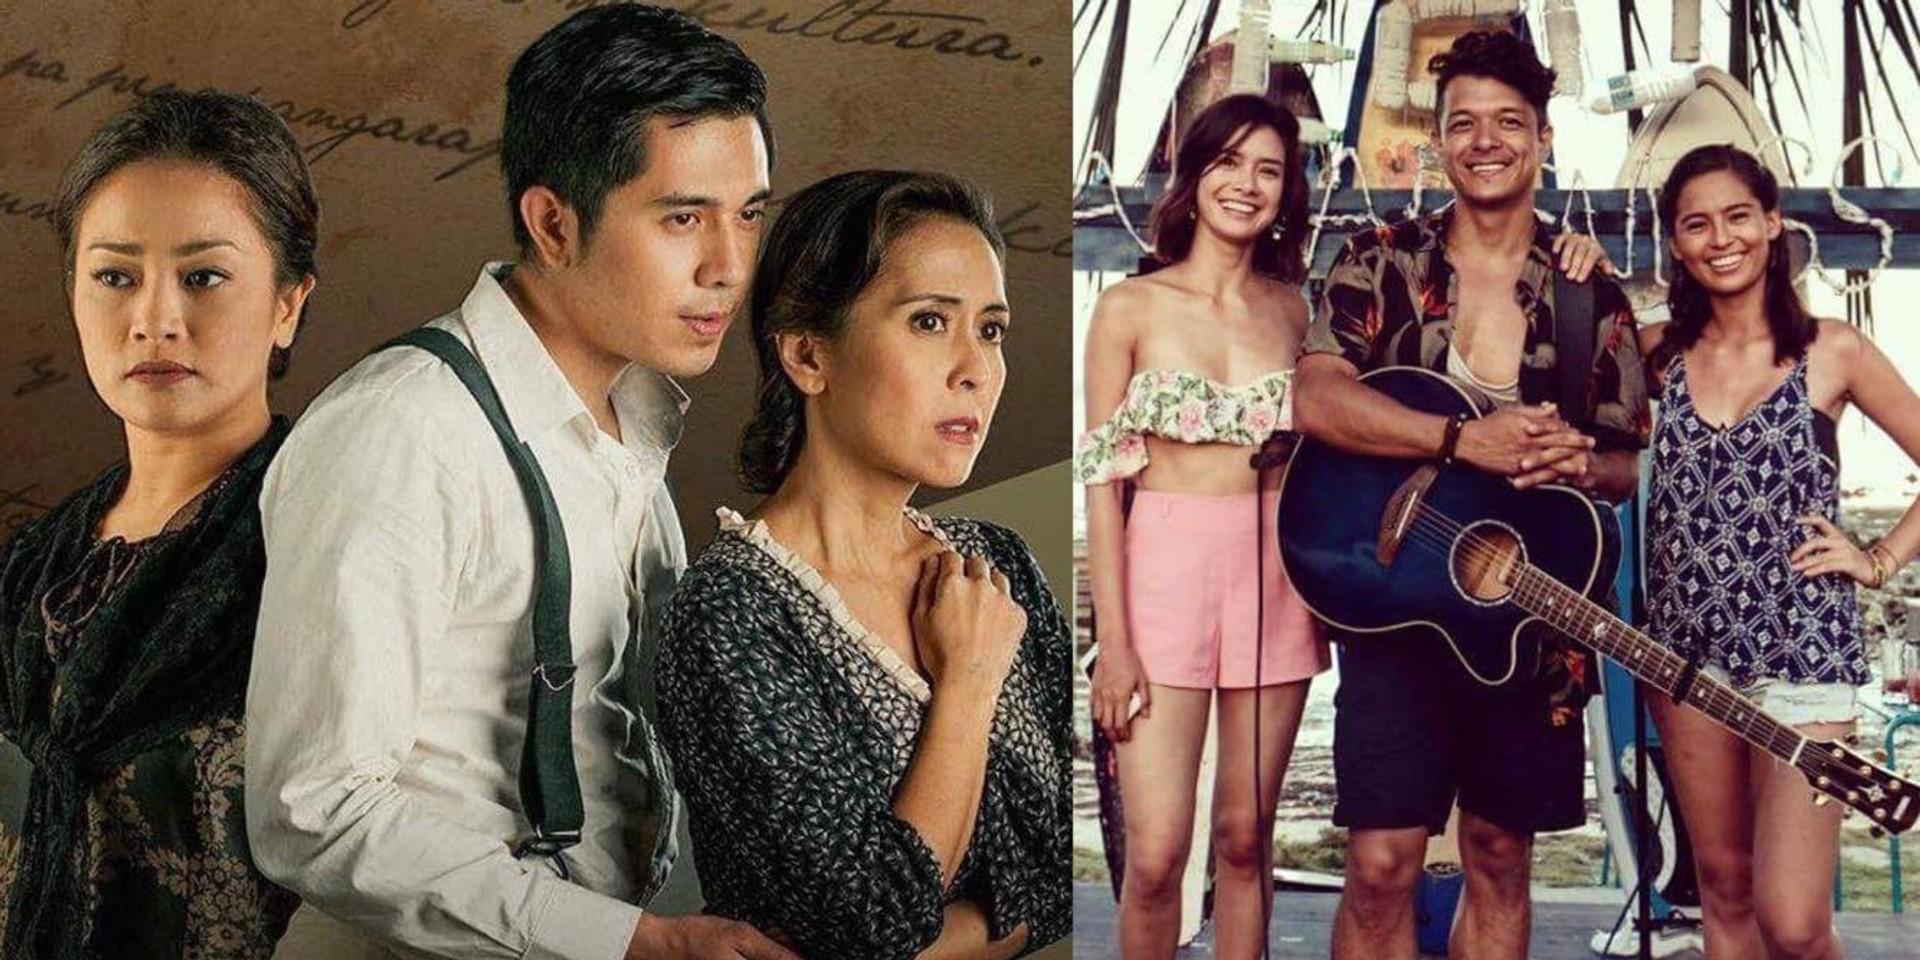 Ang Larawan and Siargao take home awards at the Metro Manila Film Festival